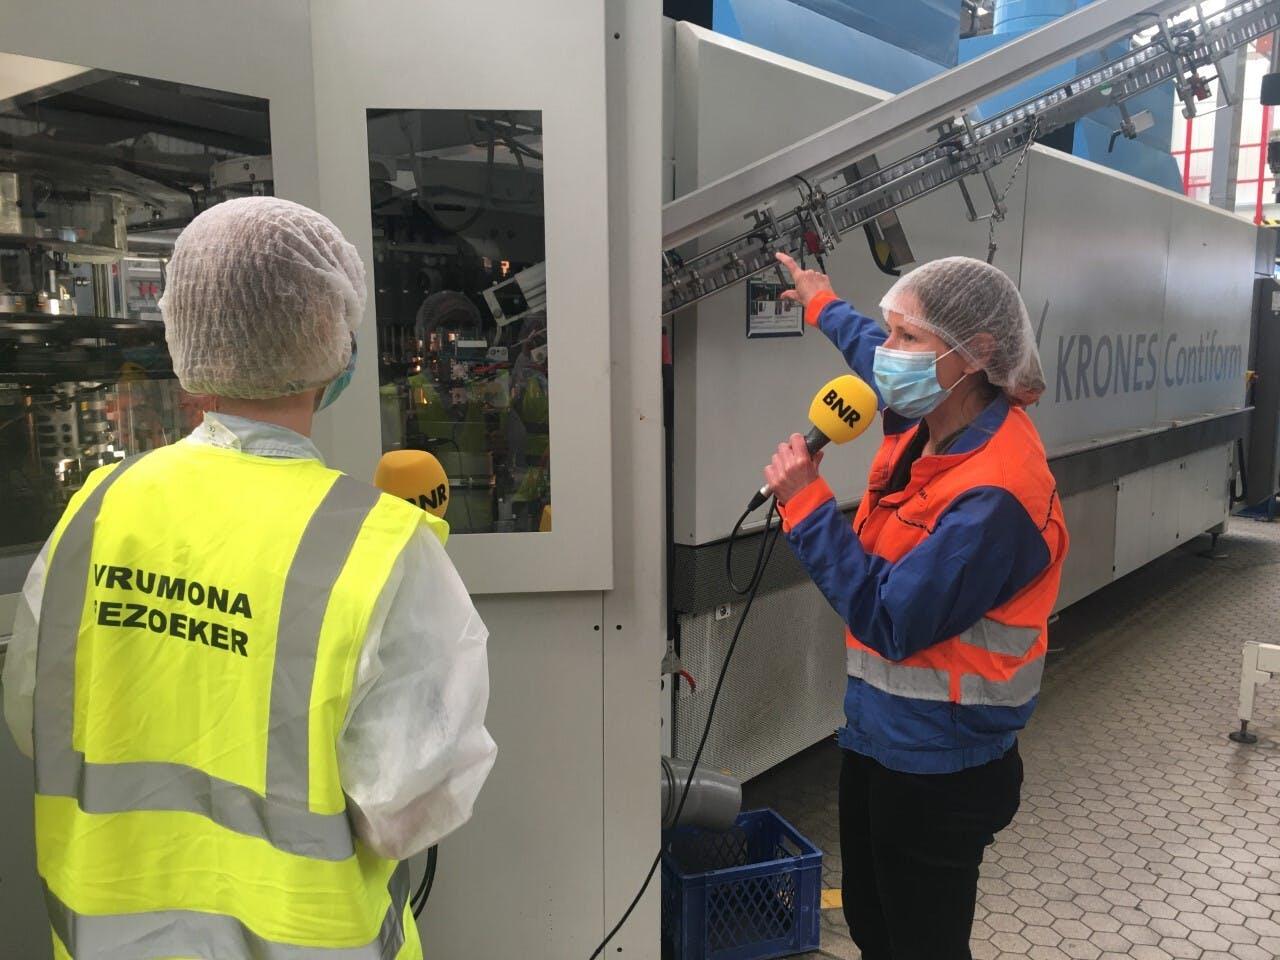 Martine Kruiswijk van Vrumona laat verslaggeefster Karlijn Meinders zien hoe de verpakkingen worden gemaakt.